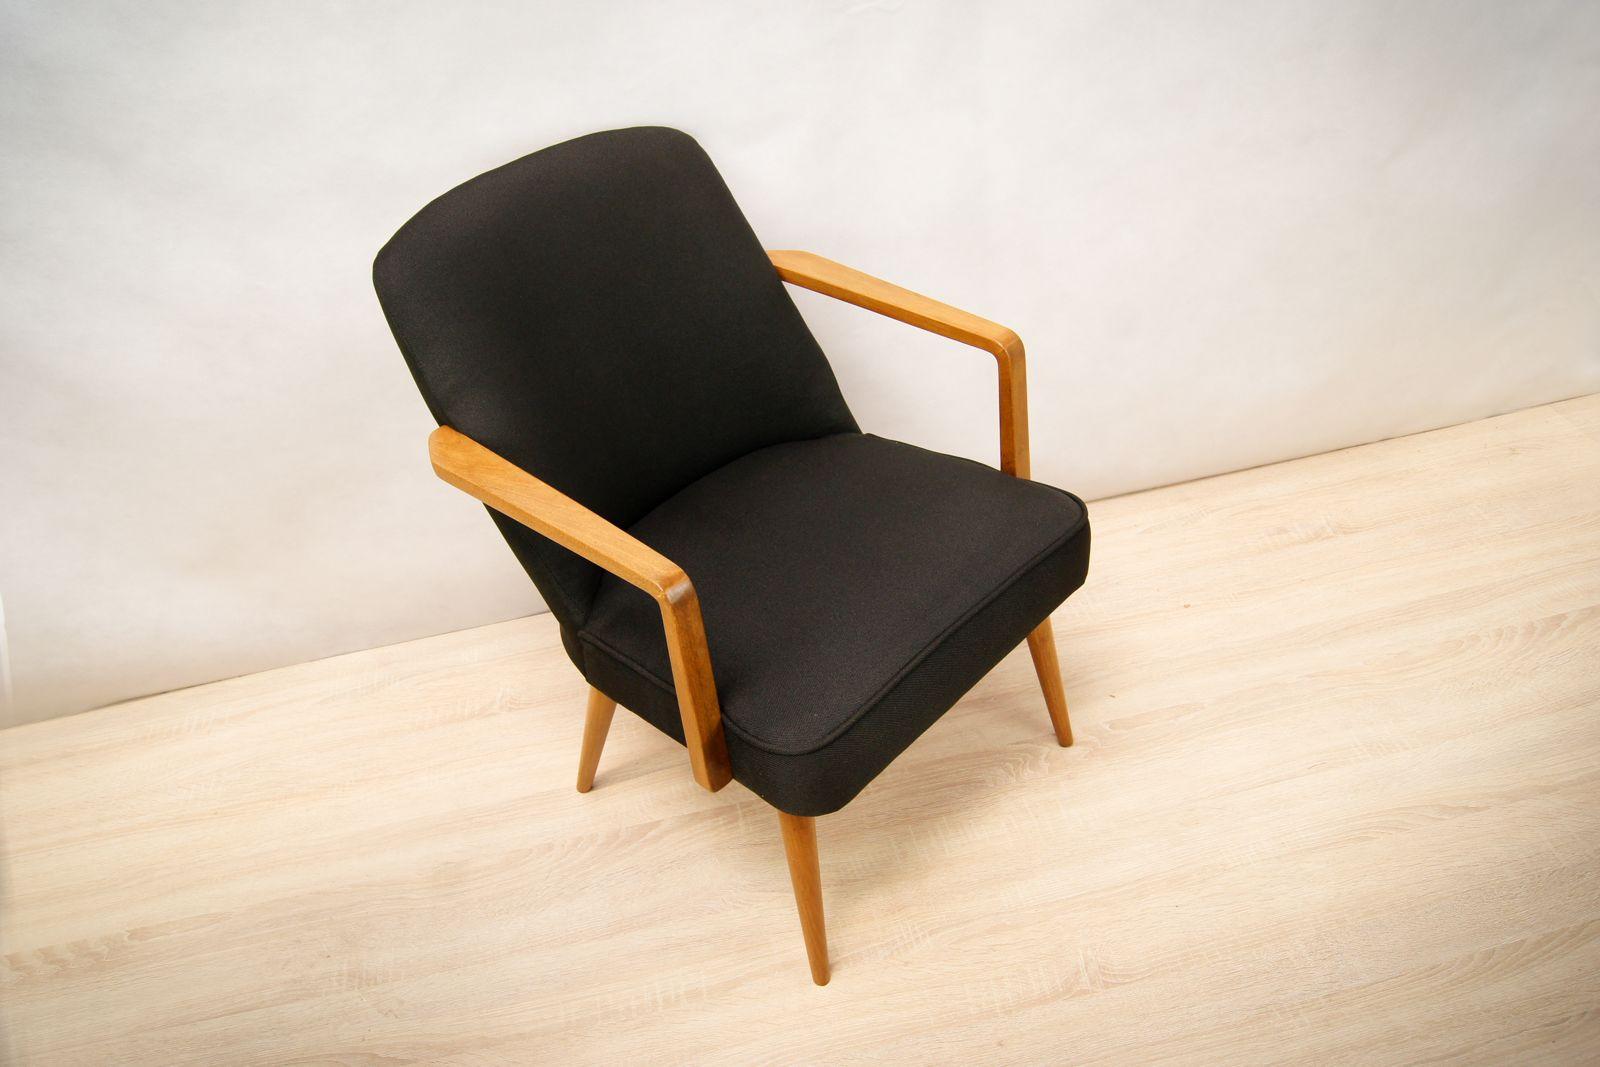 kleiner schwarzer deutscher sessel 1960er bei pamono kaufen. Black Bedroom Furniture Sets. Home Design Ideas